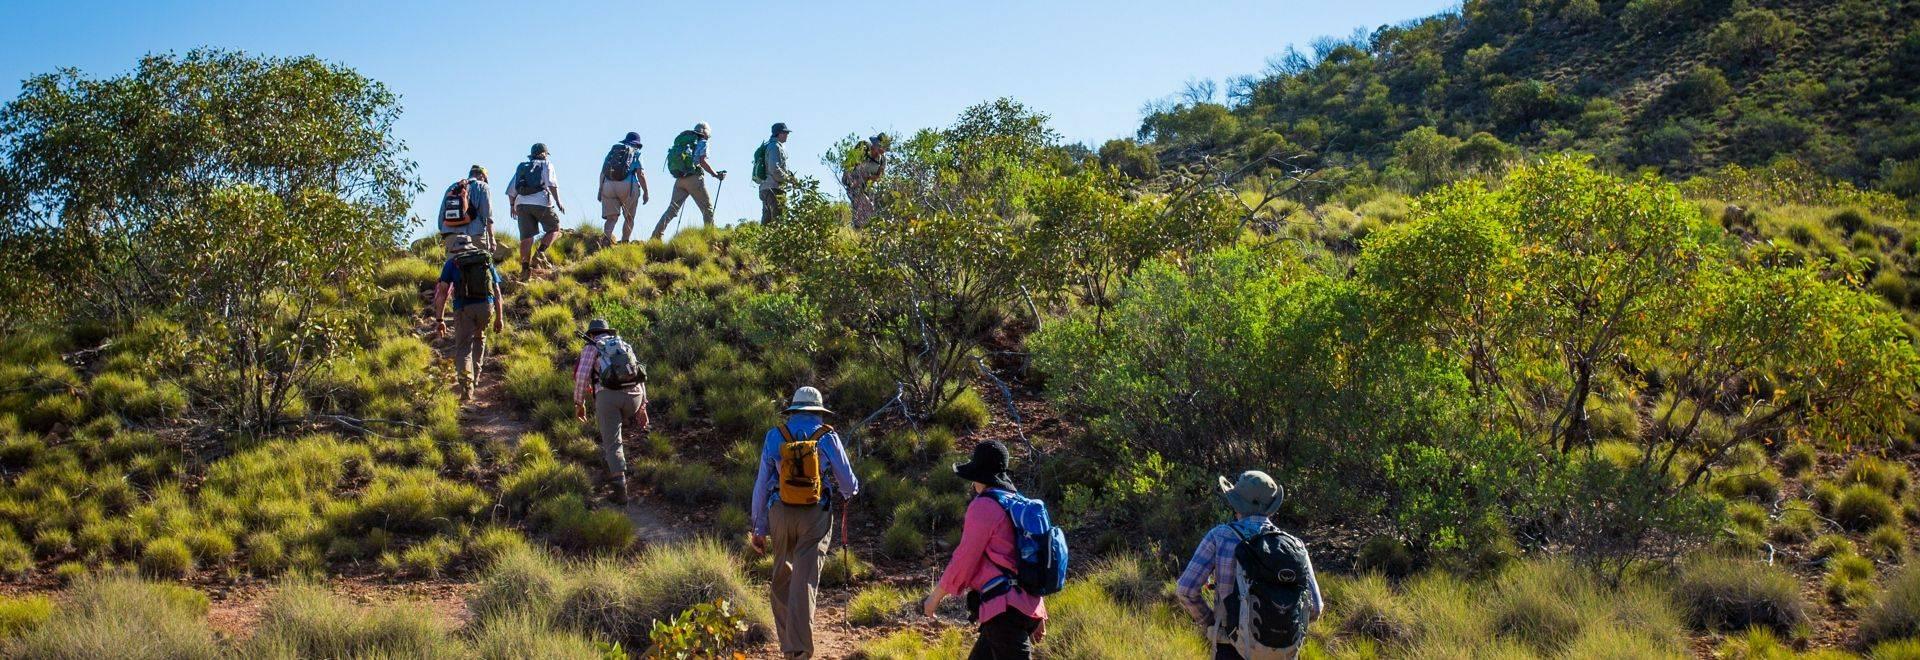 Great Walks LT Trekking 2